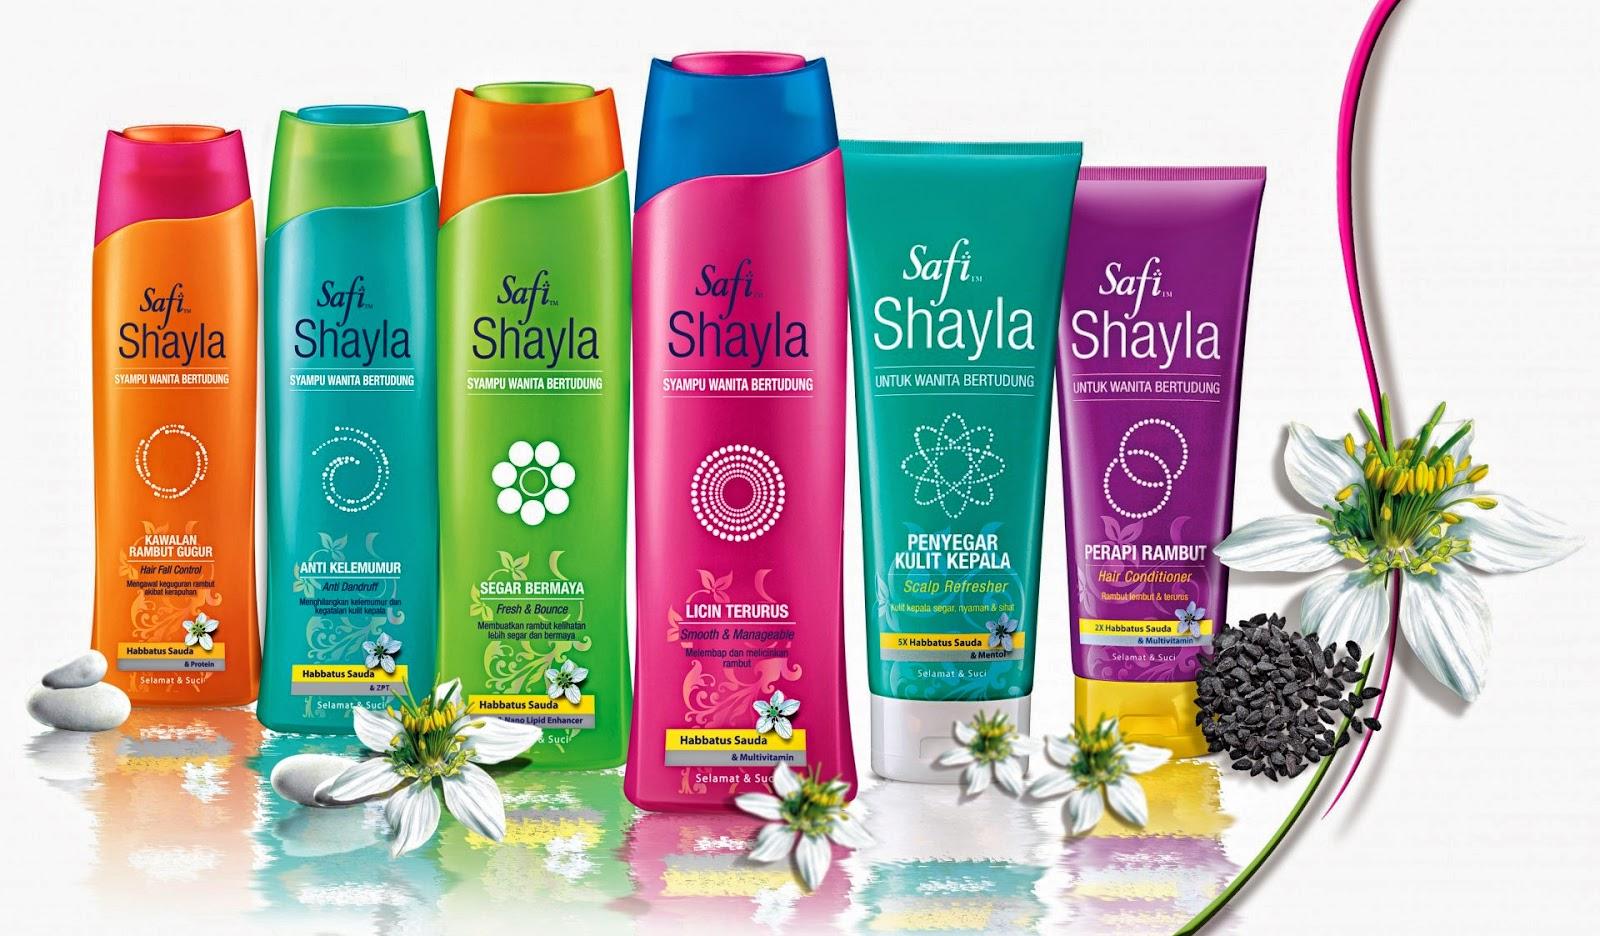 Safi Shayla Terbaik Syampoo untuk wanita bertudung